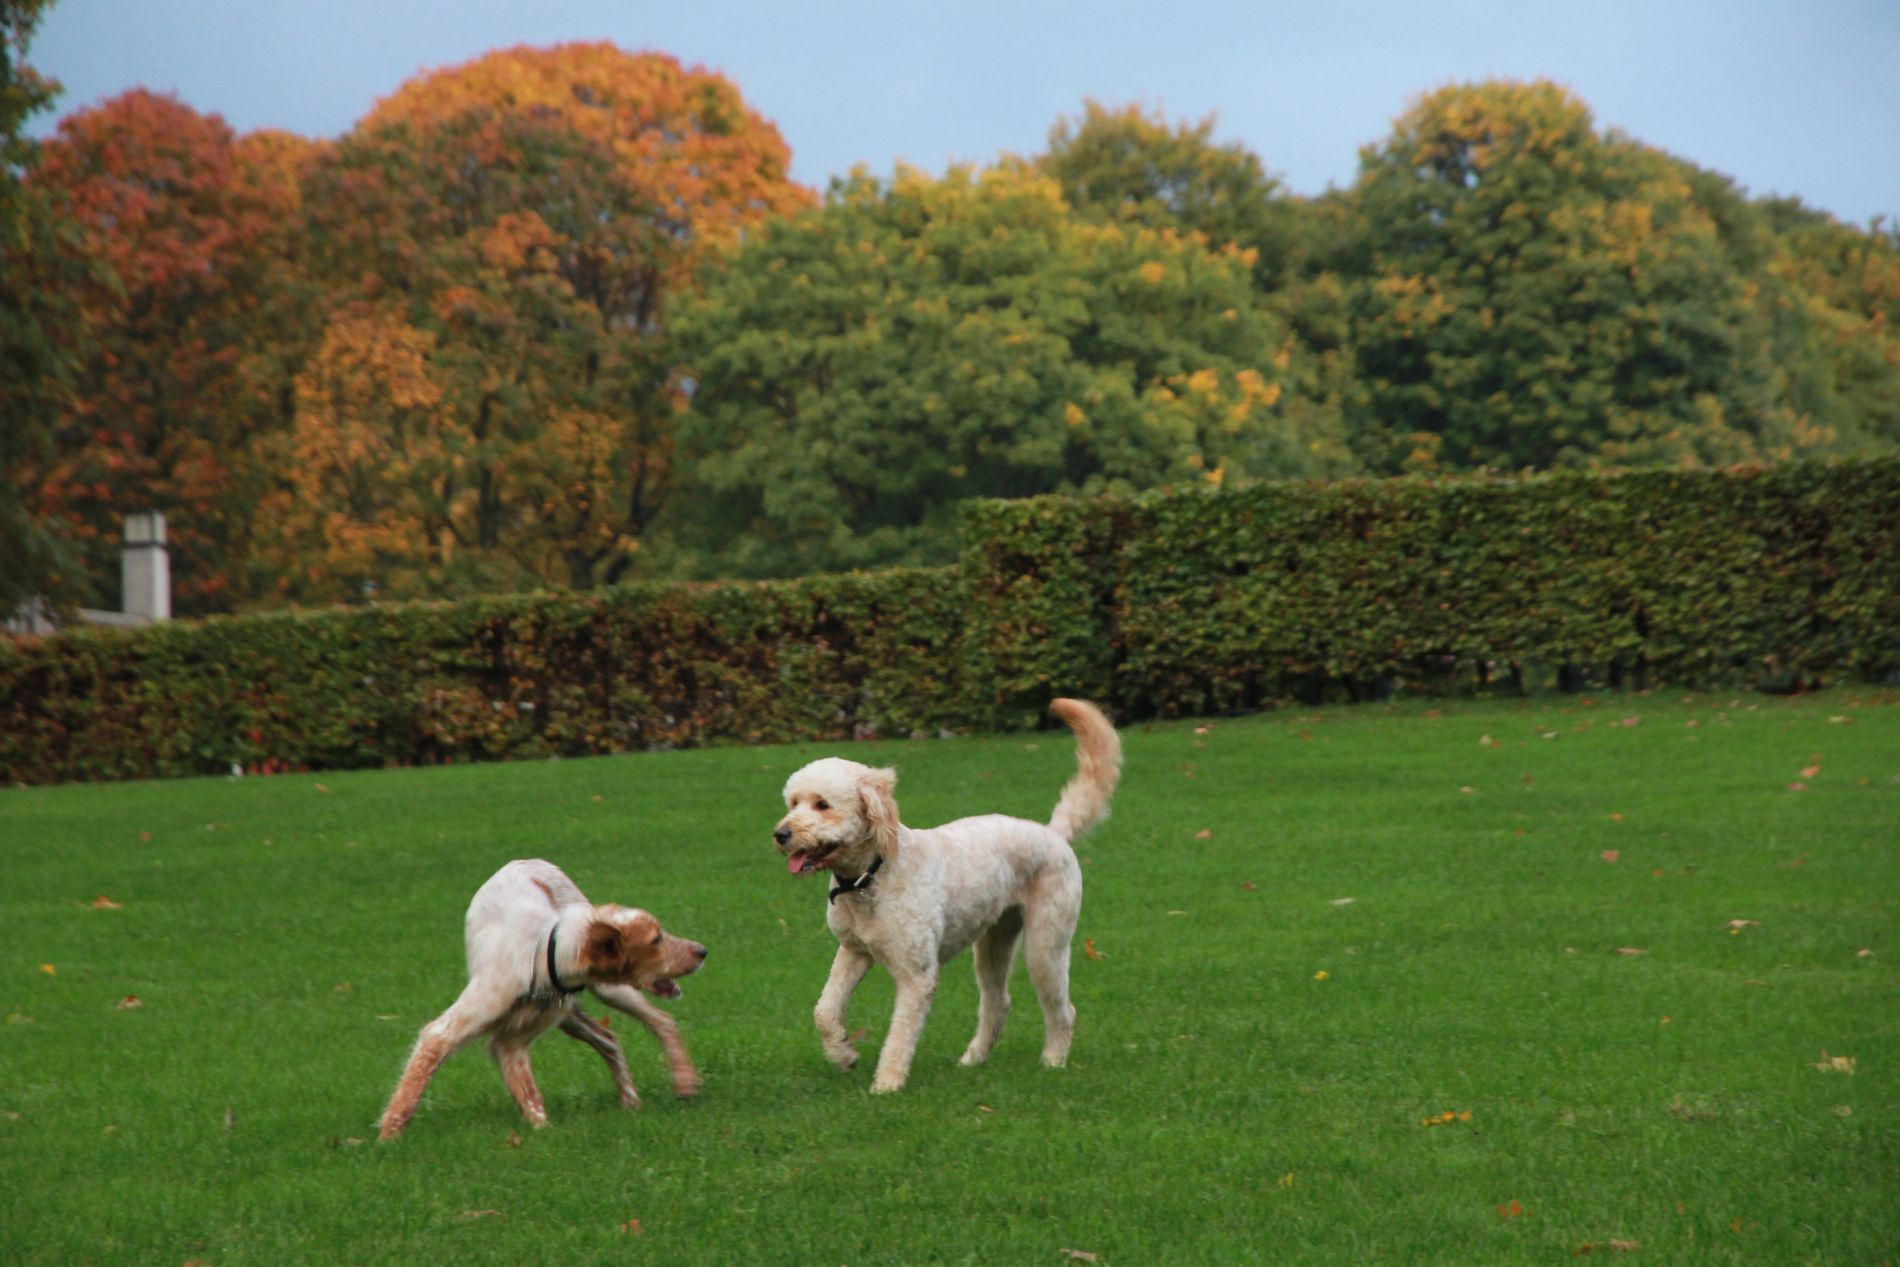 KONTROLL: Hundeloven er klar. Du skal ha kontroll på hunden din i offentlighet, skriver Thea Christine Økland.